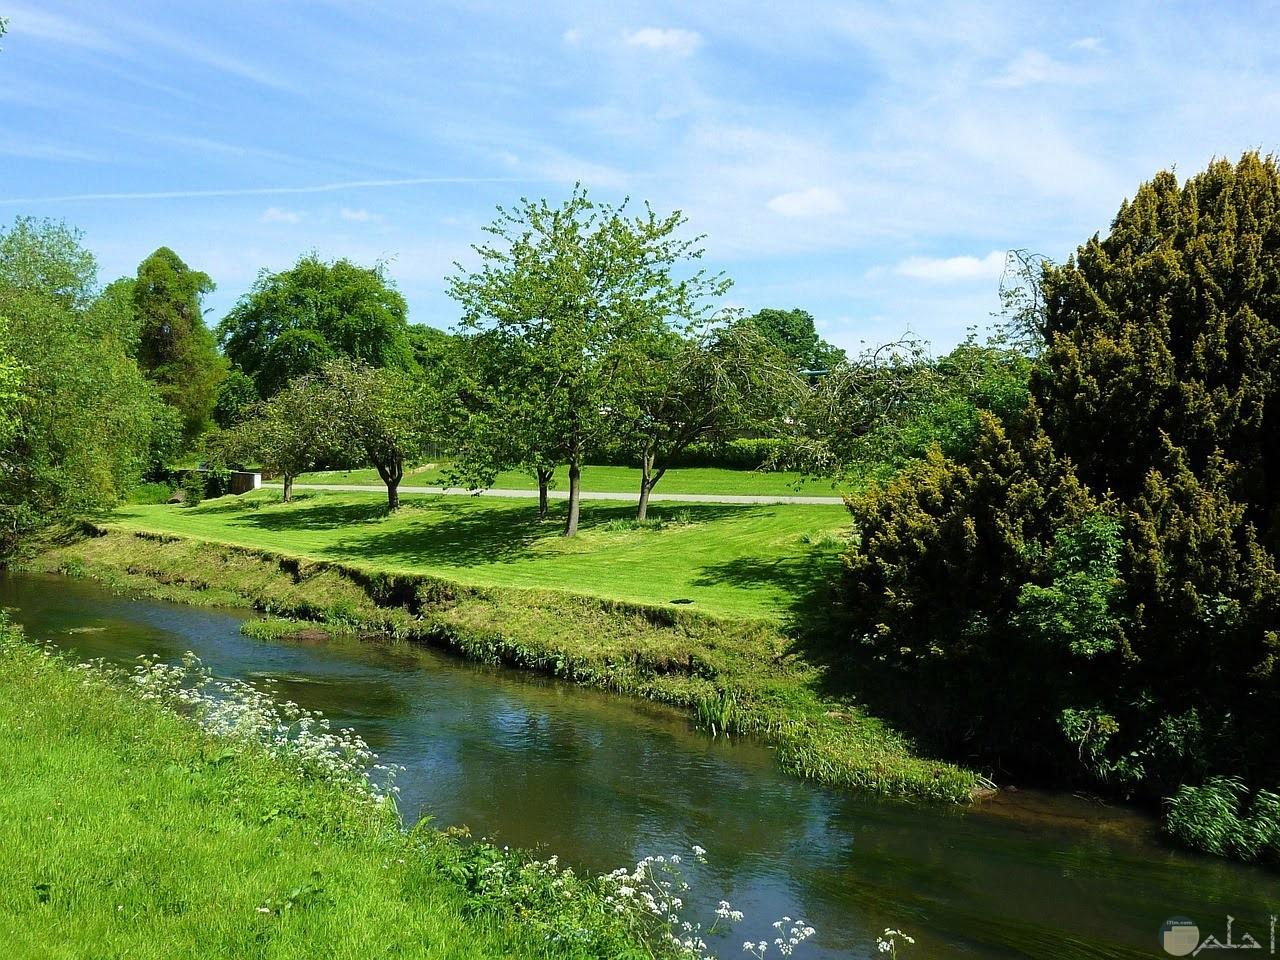 جدول مائي صغير وسط المساحات الخضراء الخلابة الجمال.